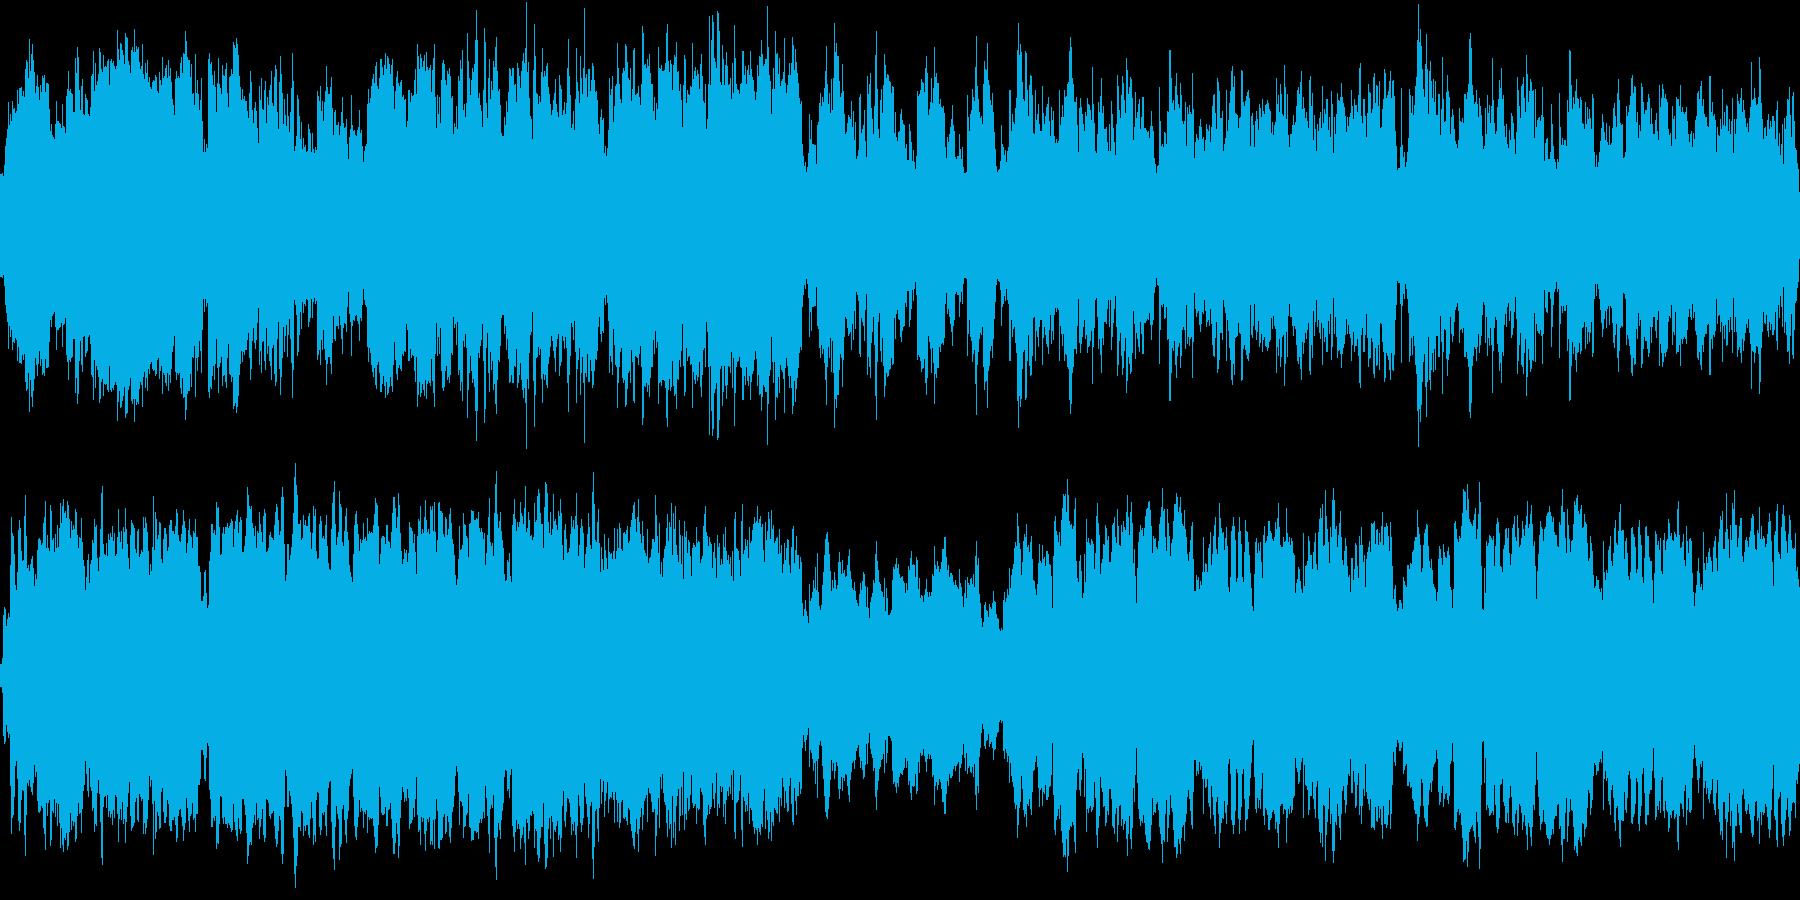 不吉な予感 ループの再生済みの波形